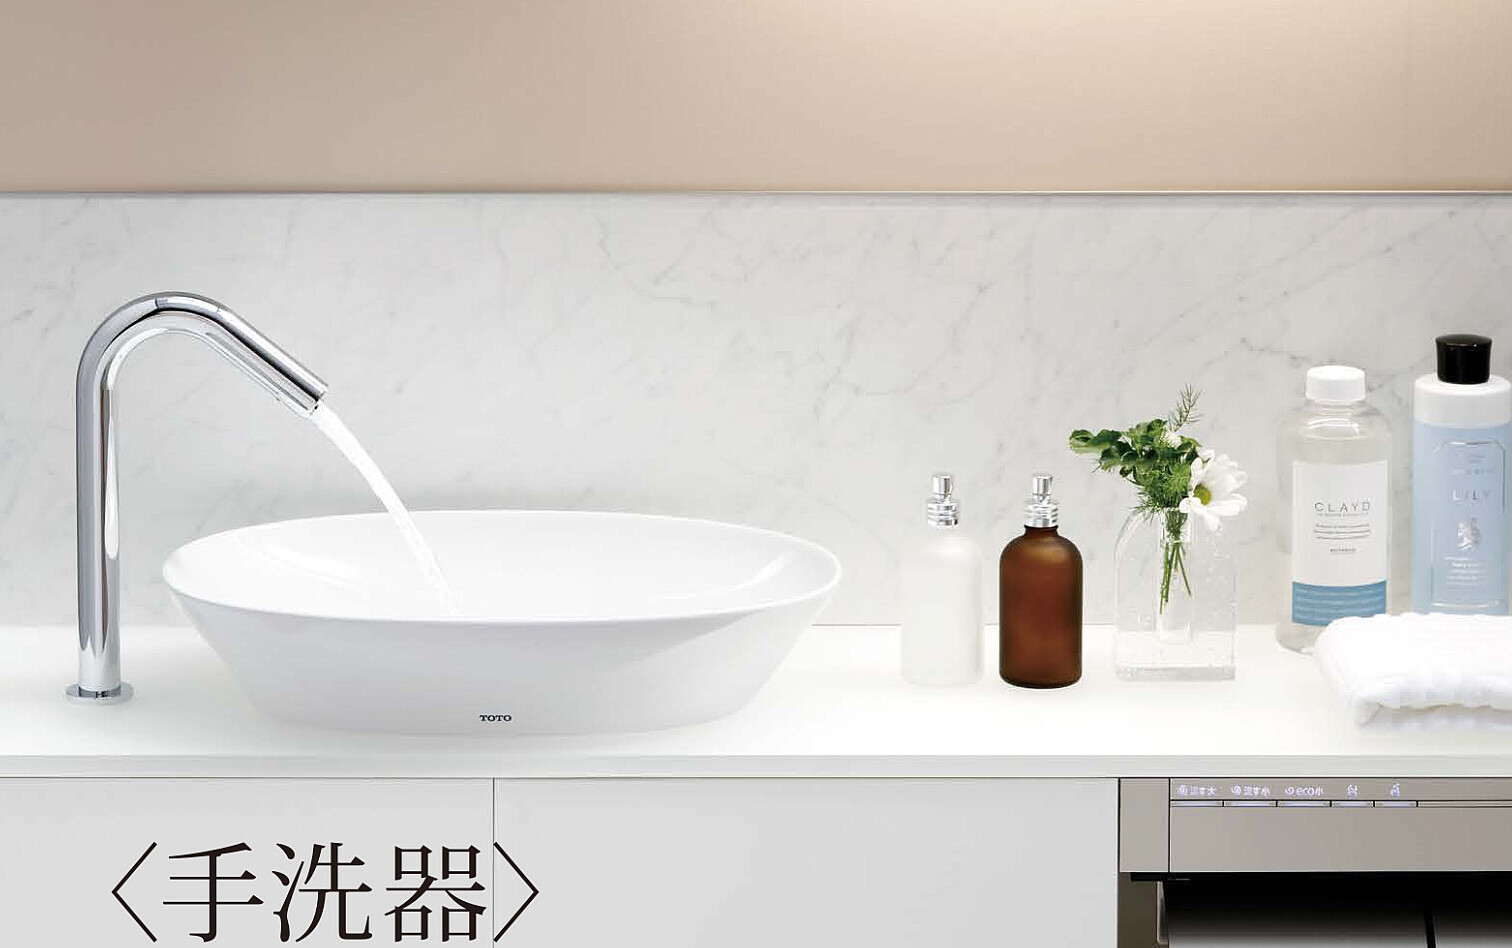 トイレ交換の基礎知識 | トイレ手洗いについて